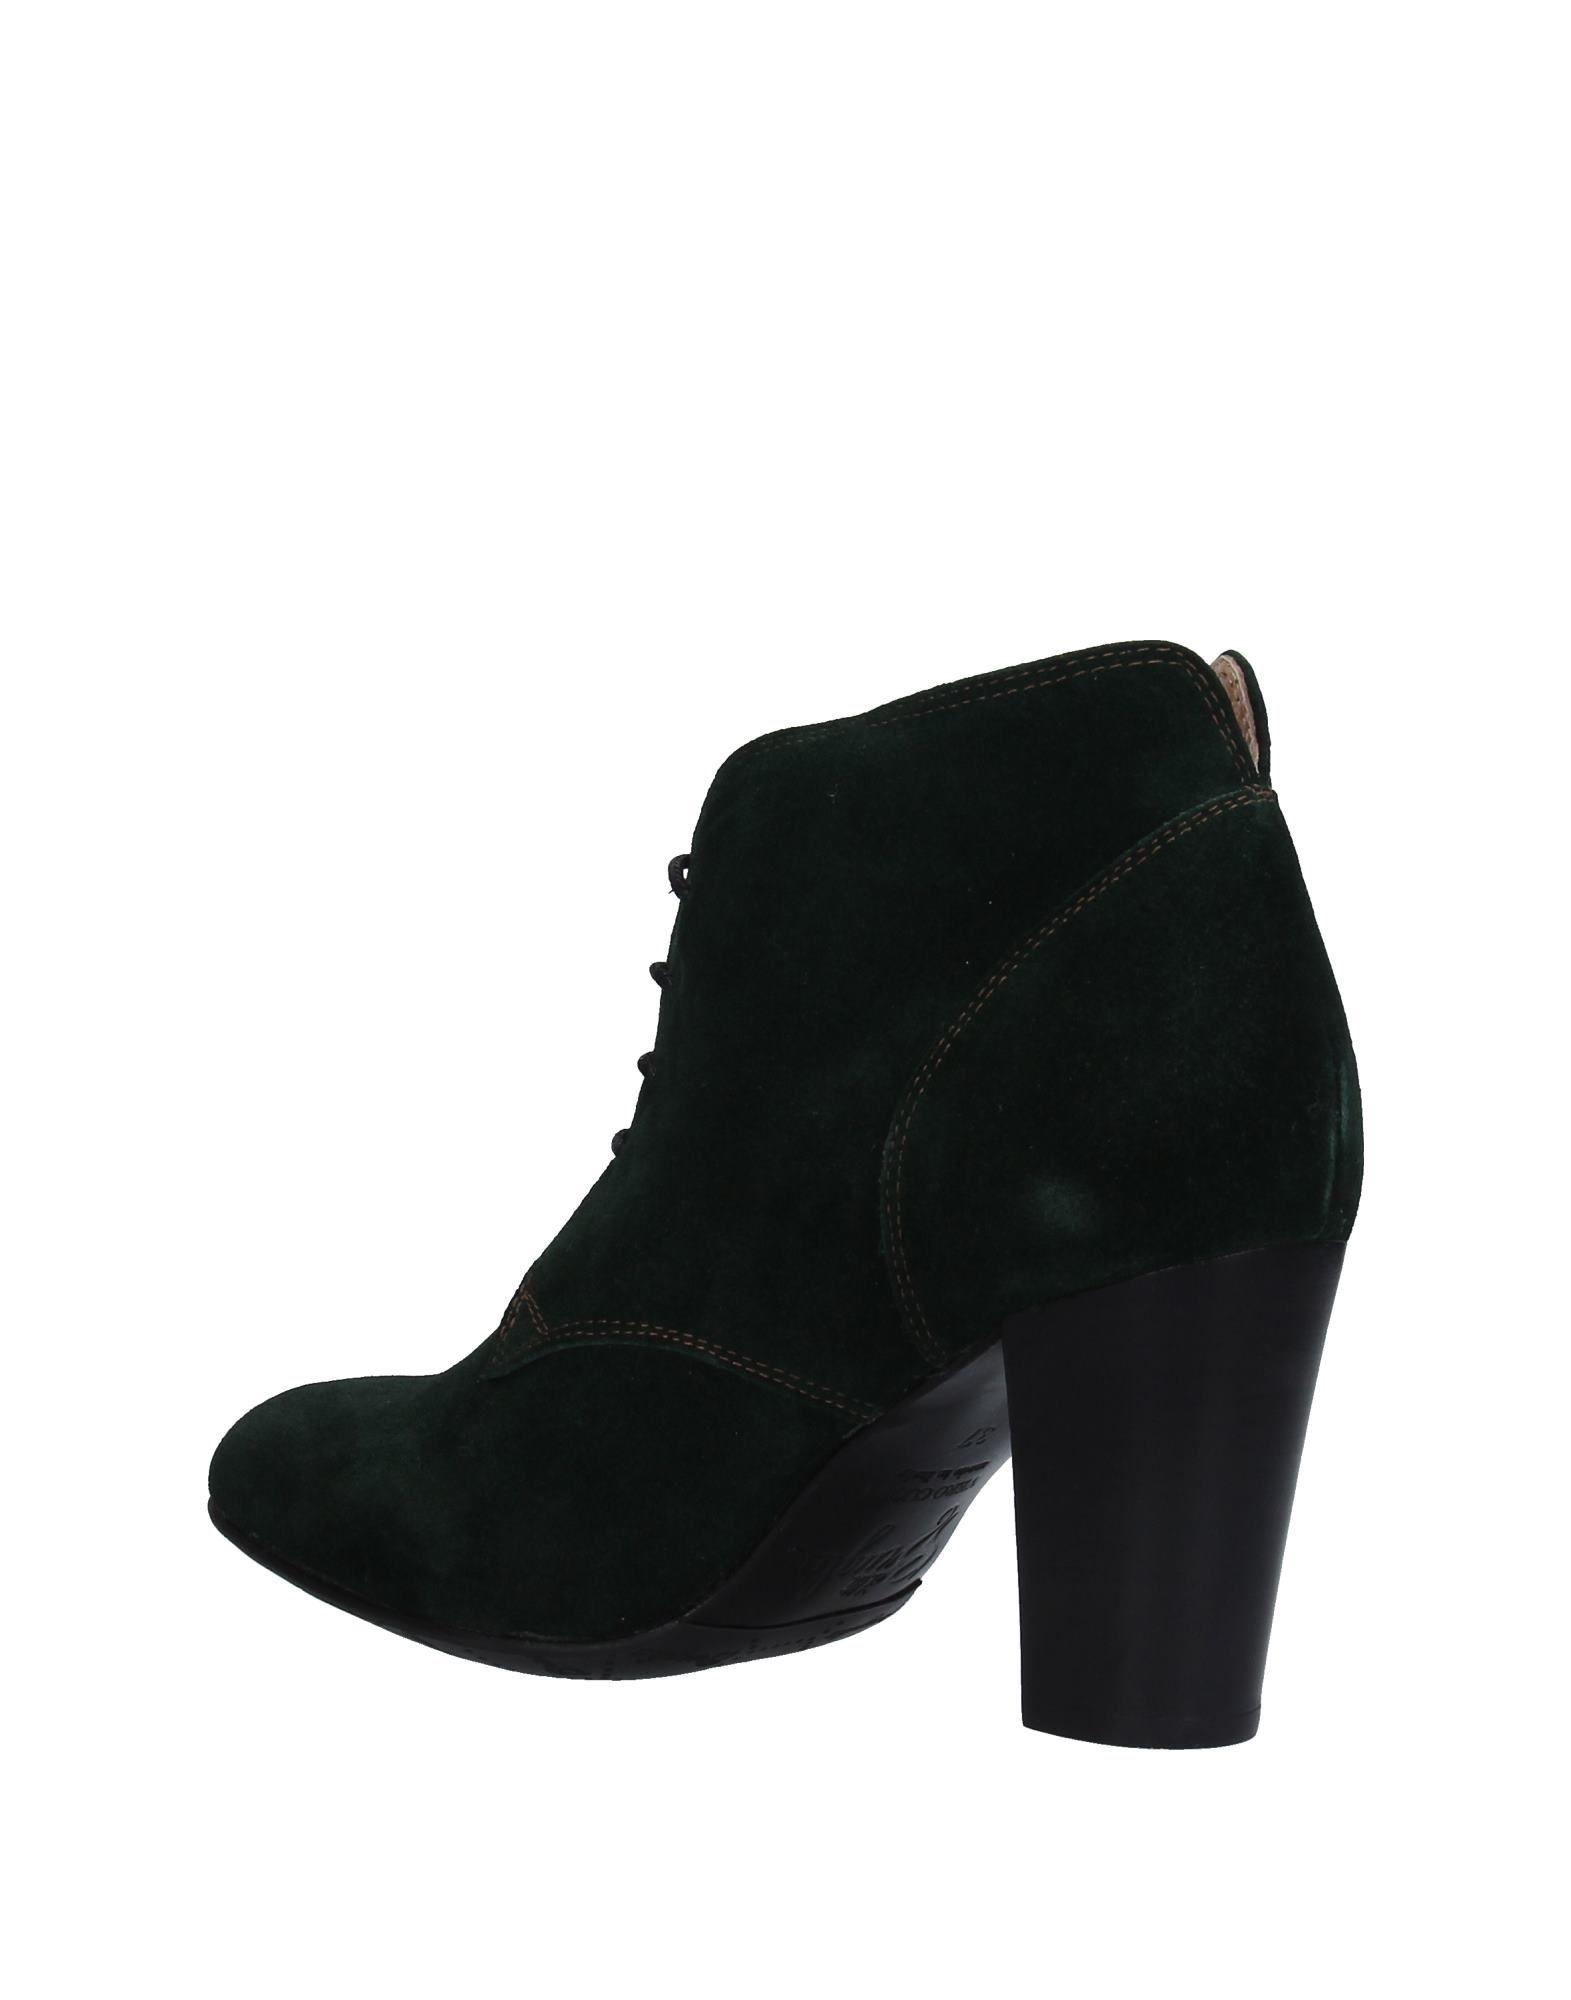 F.Lli Bruglia Stiefelette Damen  11222040RP Schuhe Neue Schuhe 11222040RP f954a5